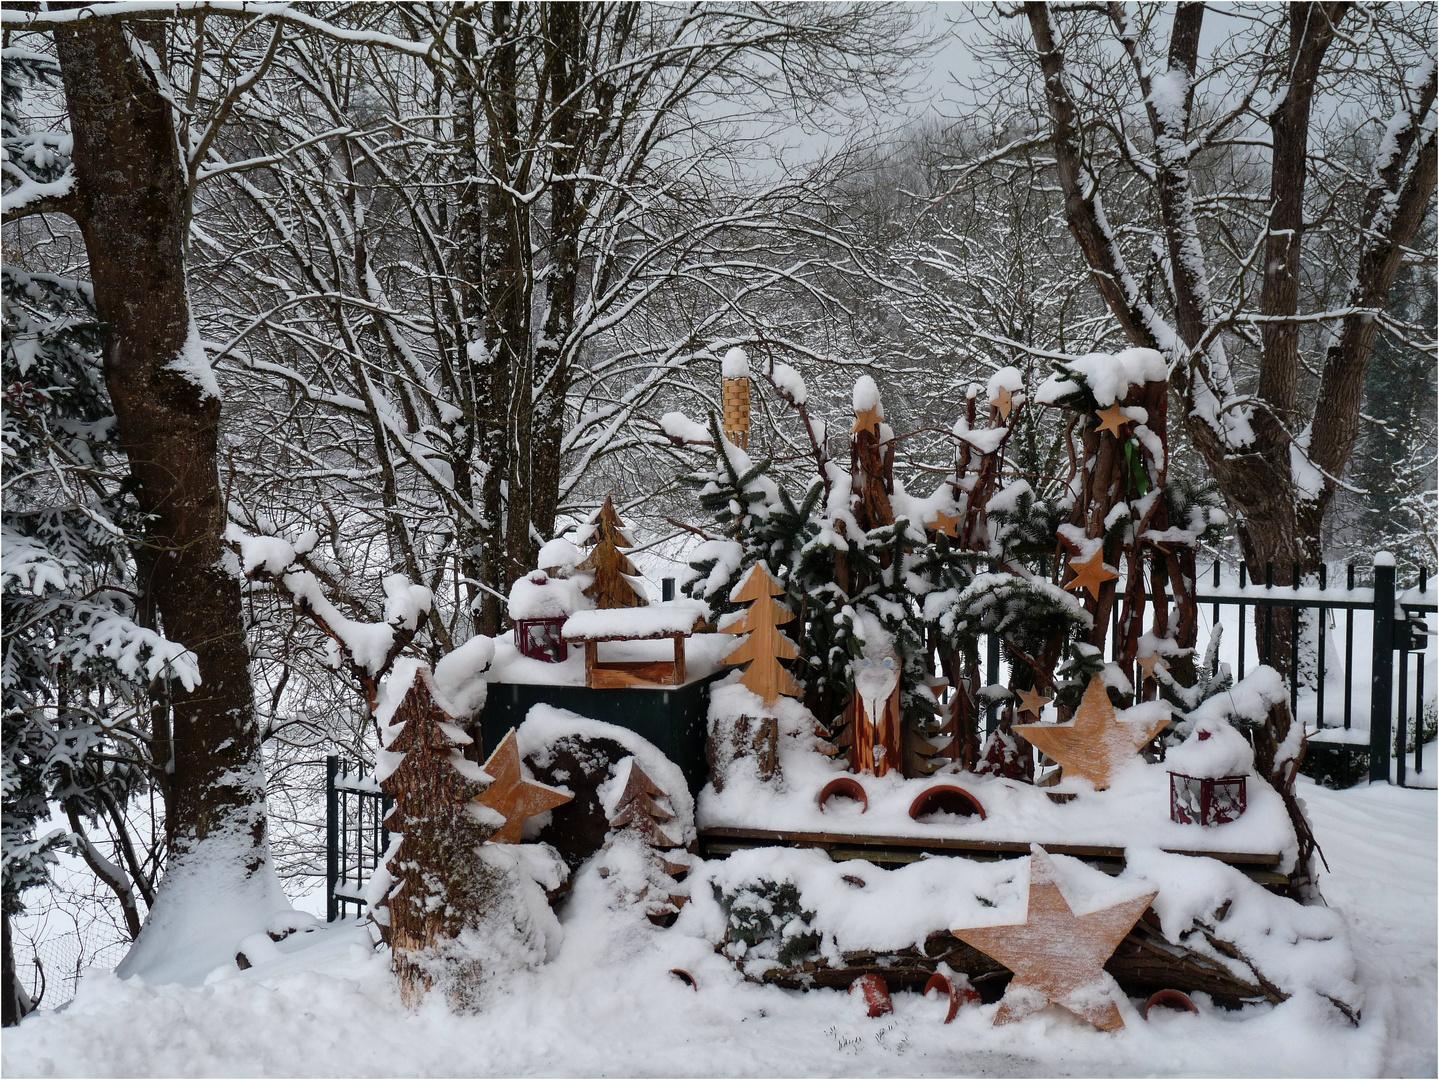 winterliche gartendeko 88a1c295 9558 4780 afee 7769f6aac34b